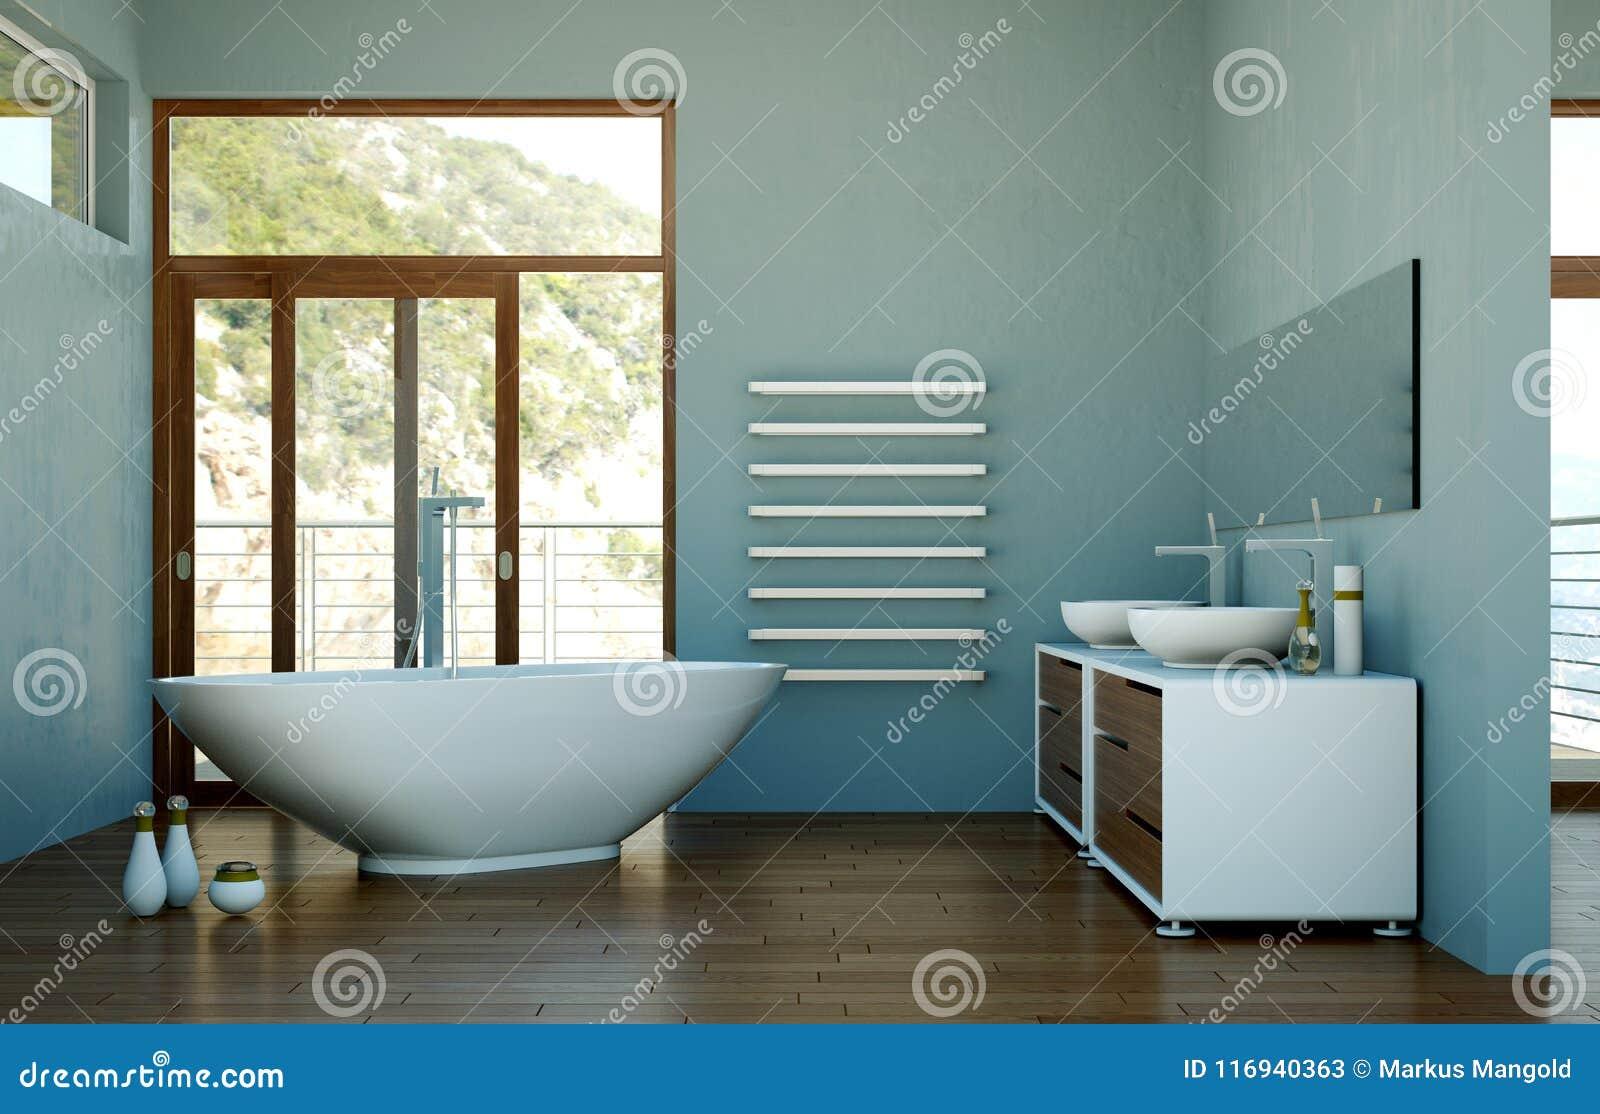 Modern Bathroom Interior 3d Rendering With Door Stock Illustration ...